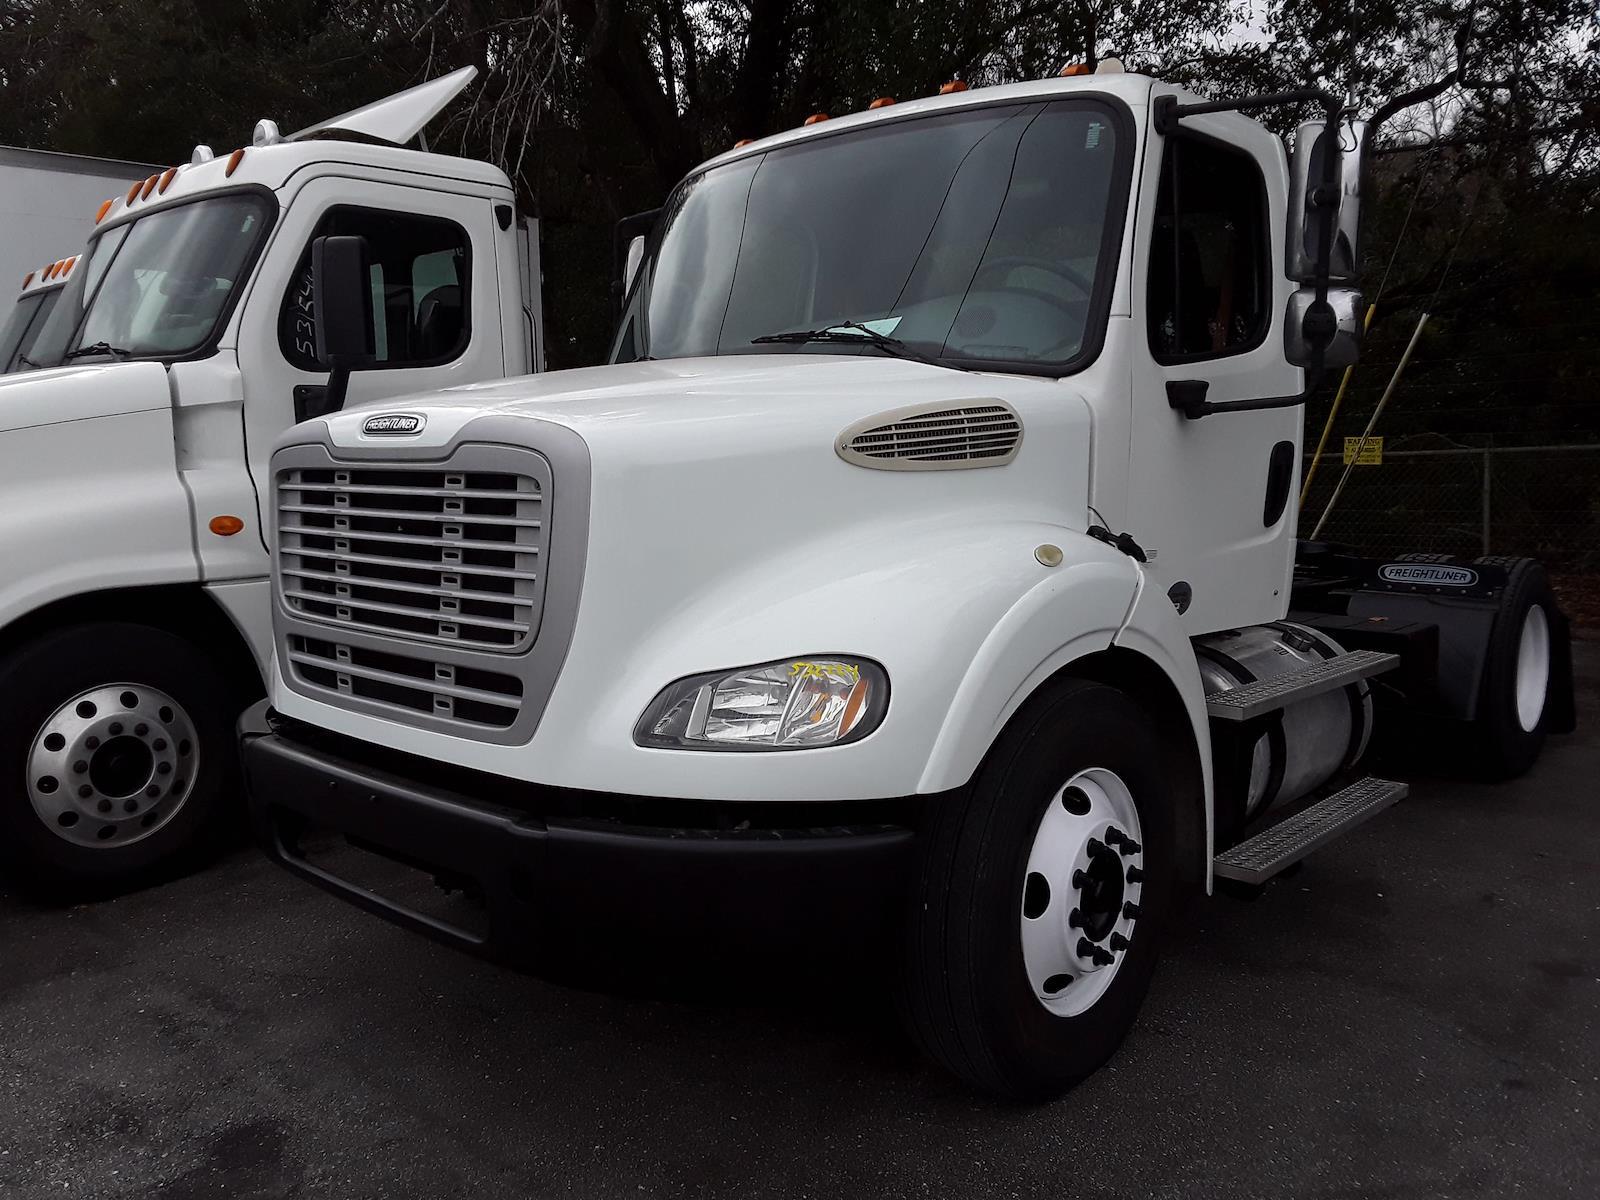 2014 Freightliner Truck 4x2, Tractor #532224 - photo 1